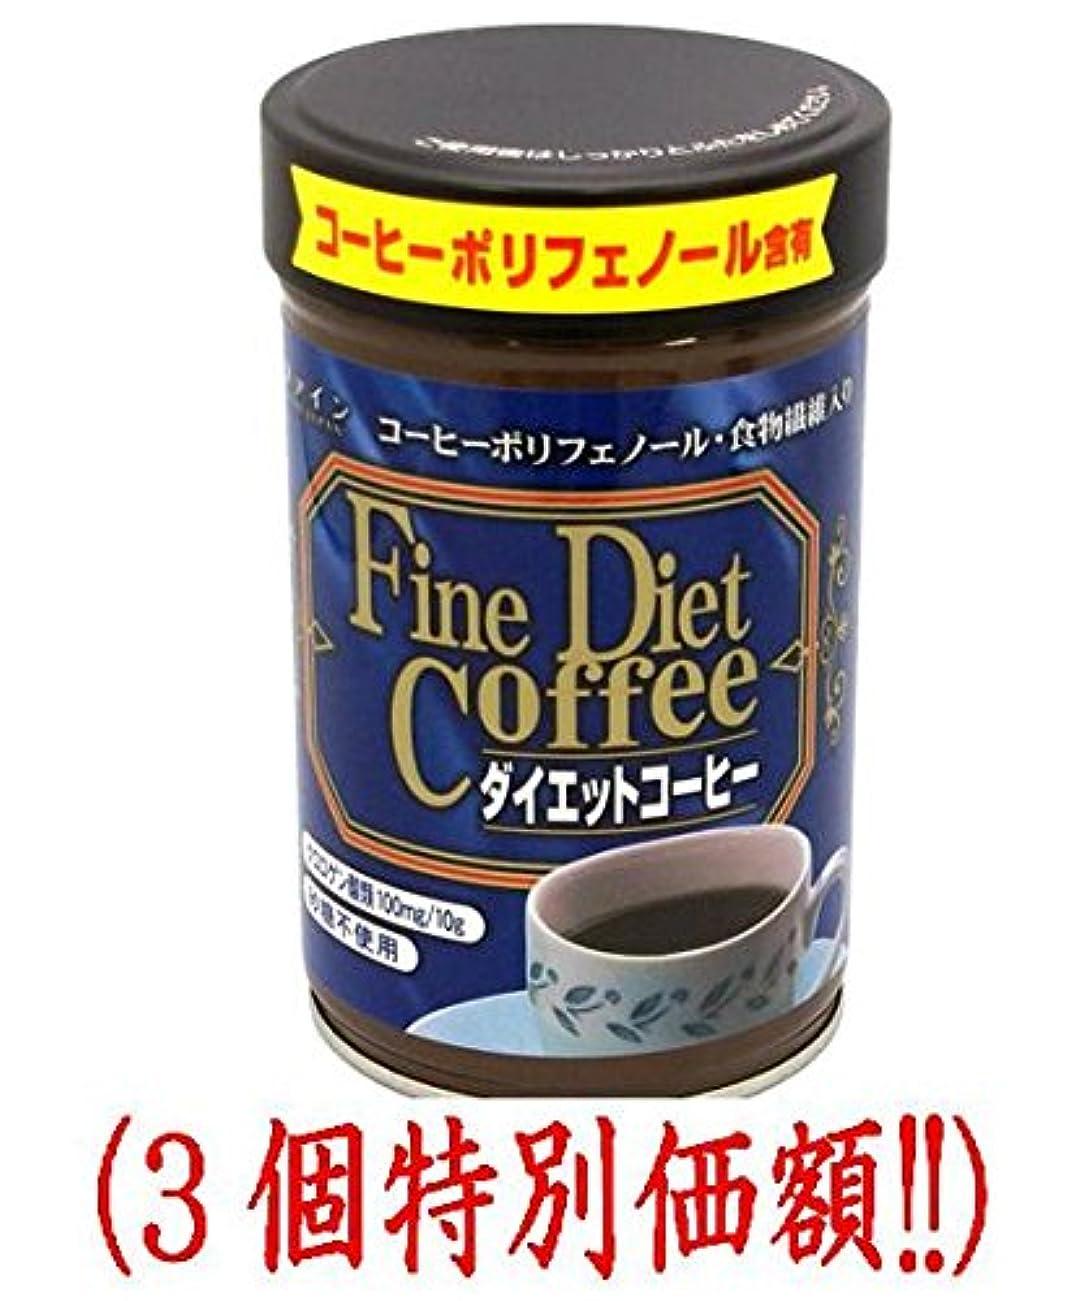 コーンウォール役に立たない生産性ファイン ダイエットコーヒー【3本セット】